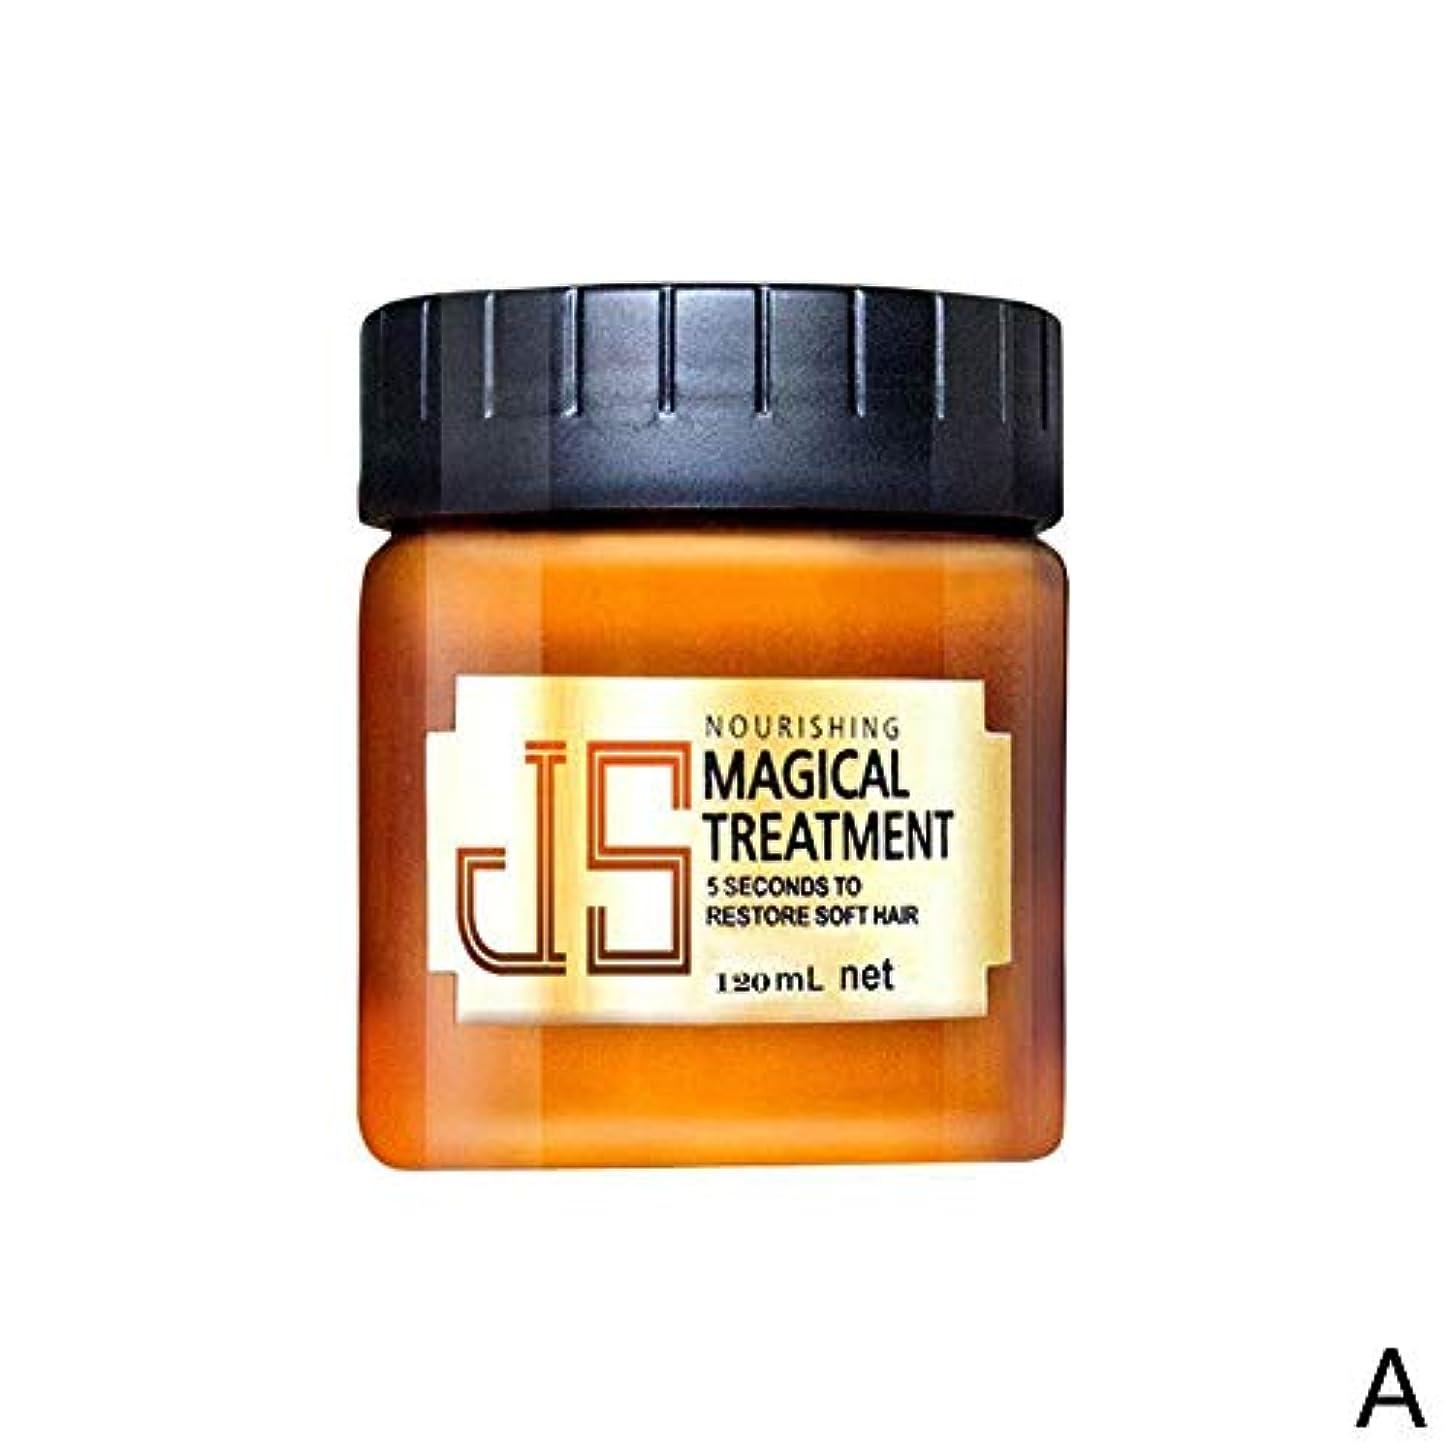 冷える規範とティームBETTER YOU (ベター ュー) コンディショナー、多機能コンディショナー、髪の修復、水分補給、乾燥防止、髪の栄養補給